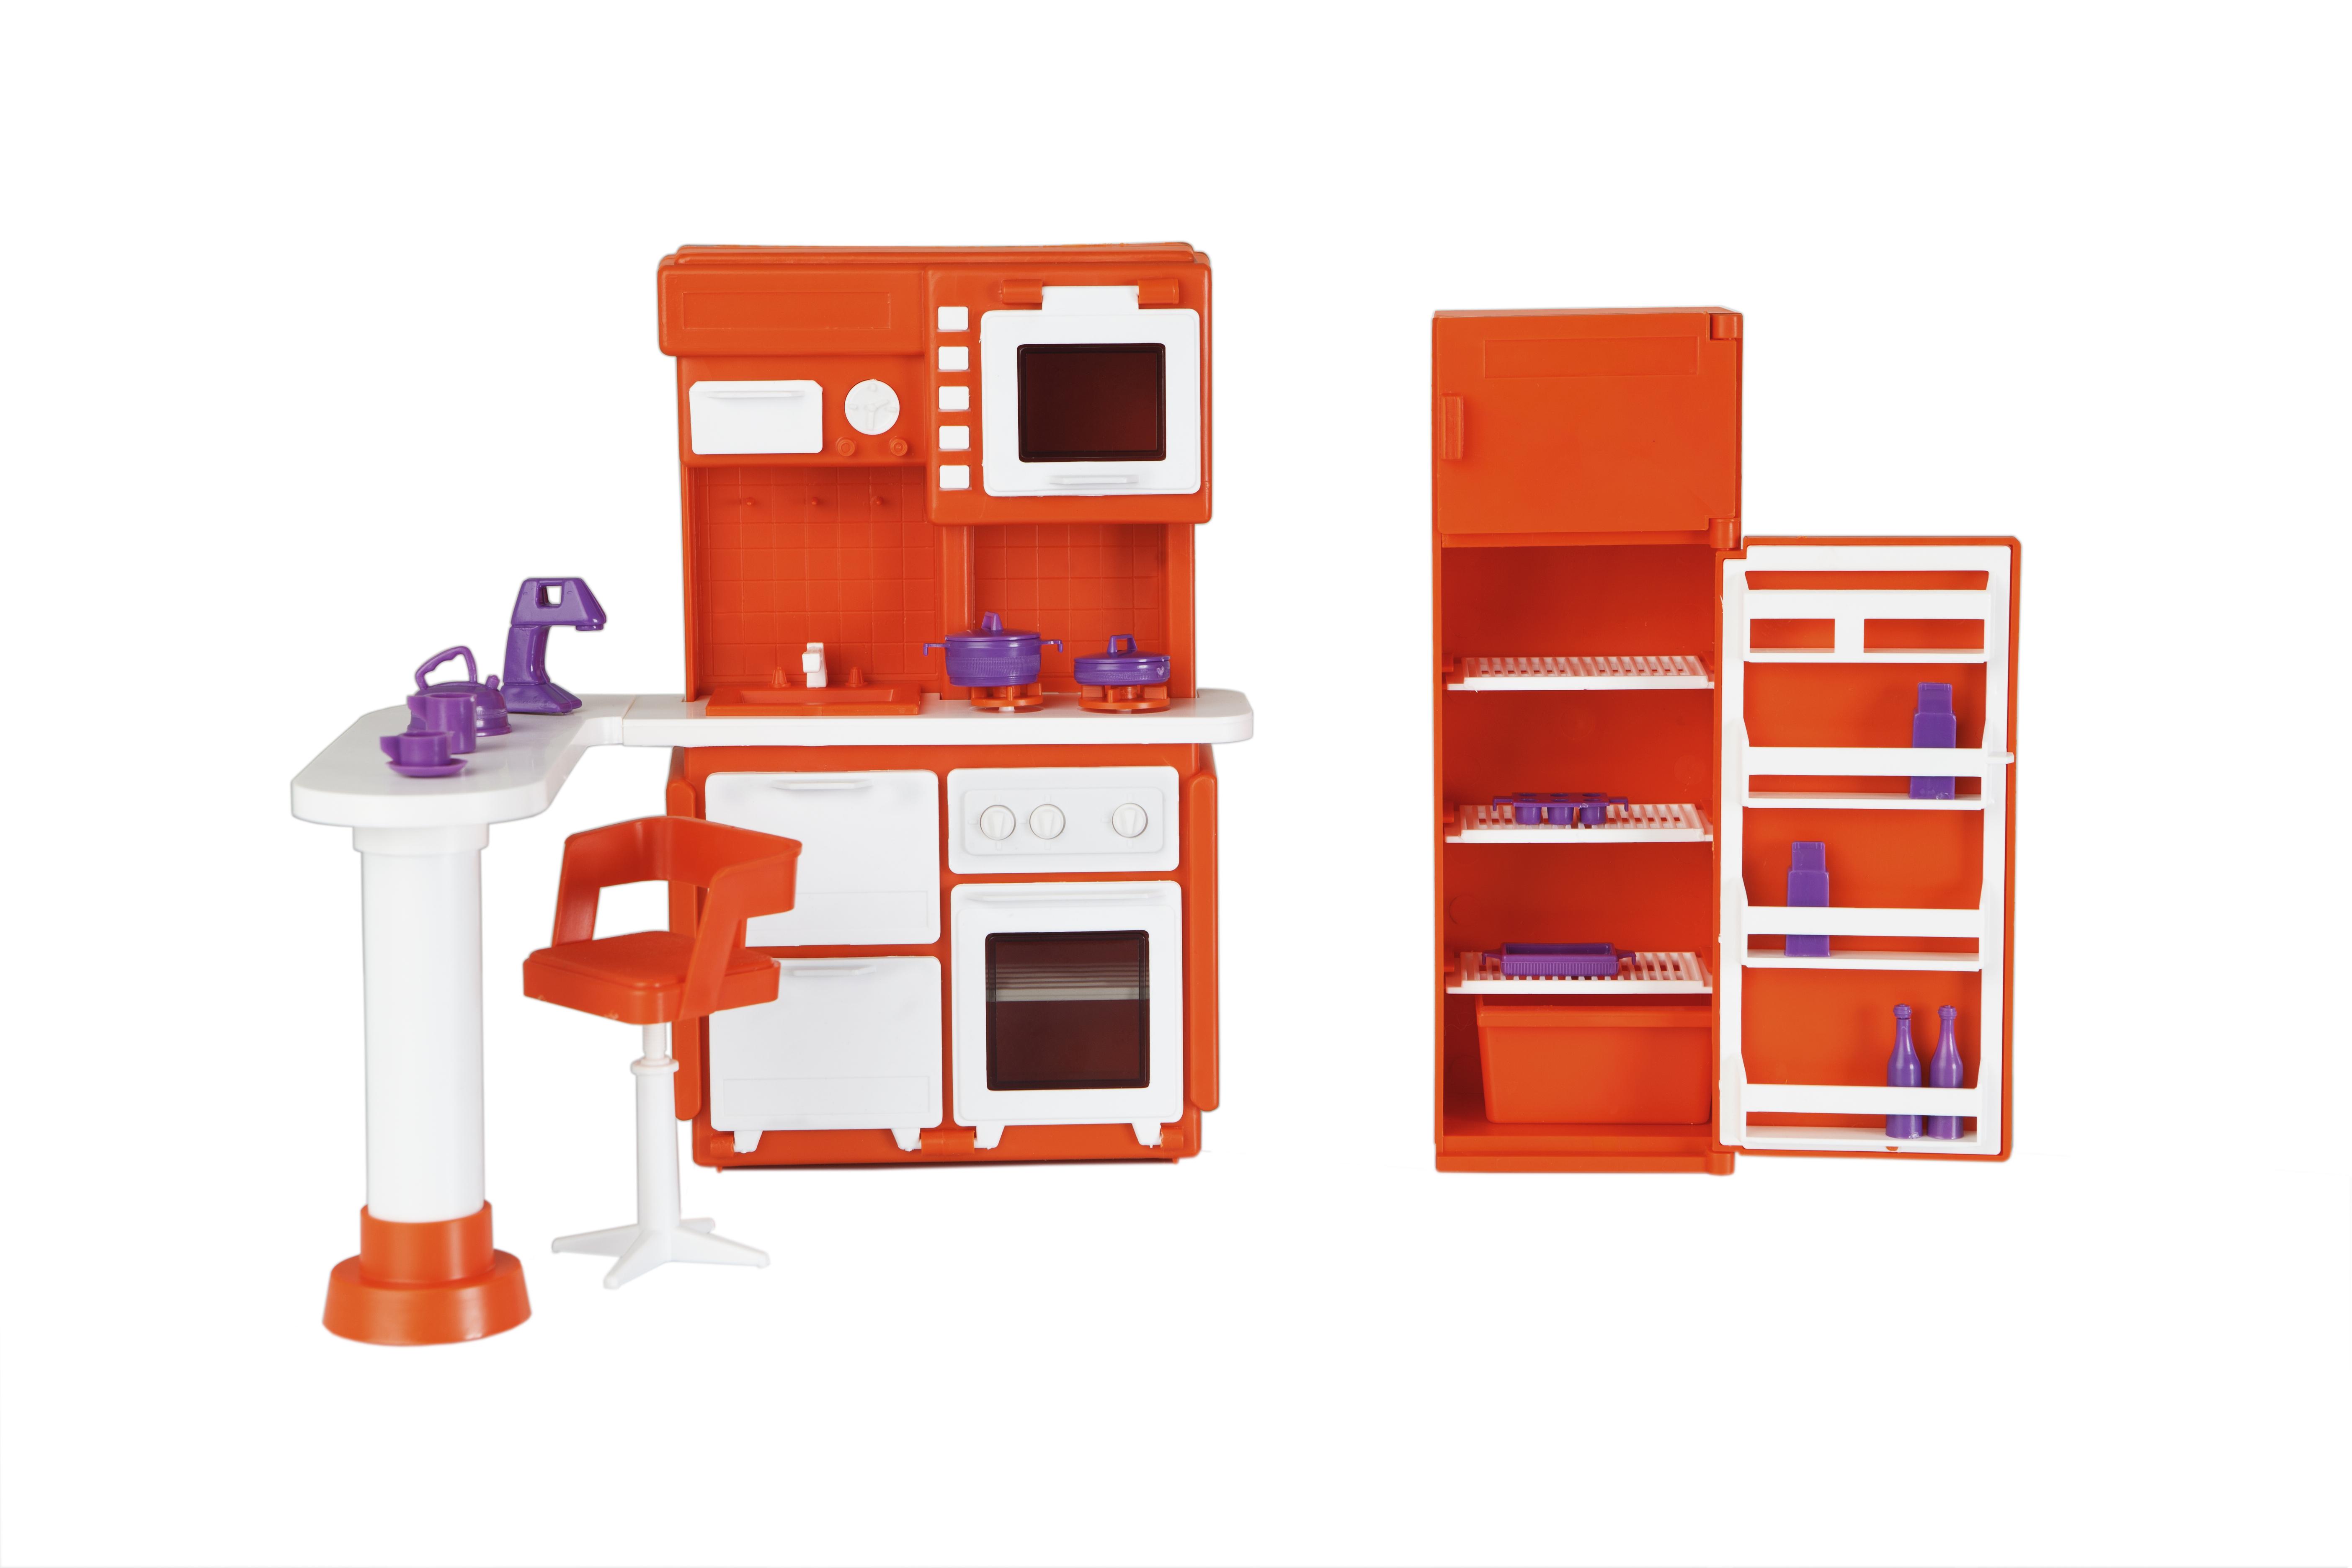 Кукольная мебель для кукольного домика кухня конфетти огонек.